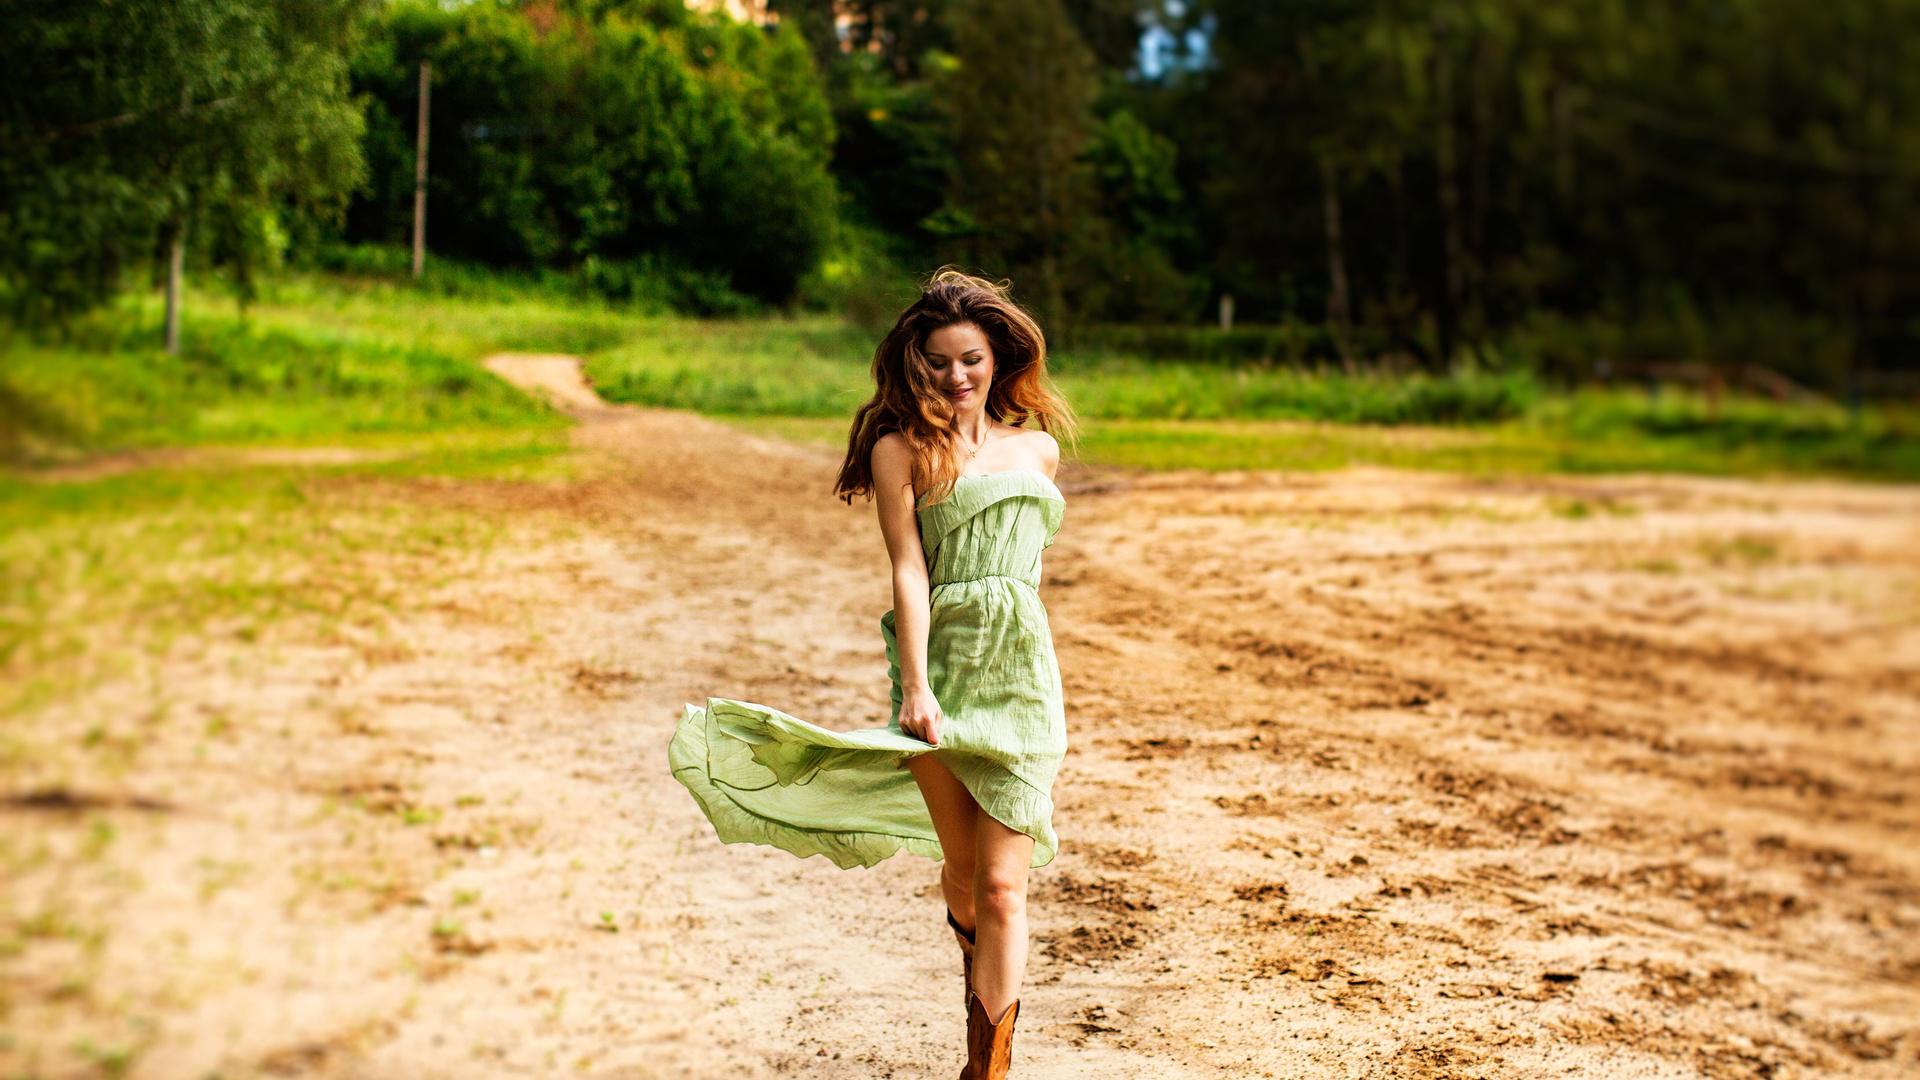 Картинка девочка бежит в лесу